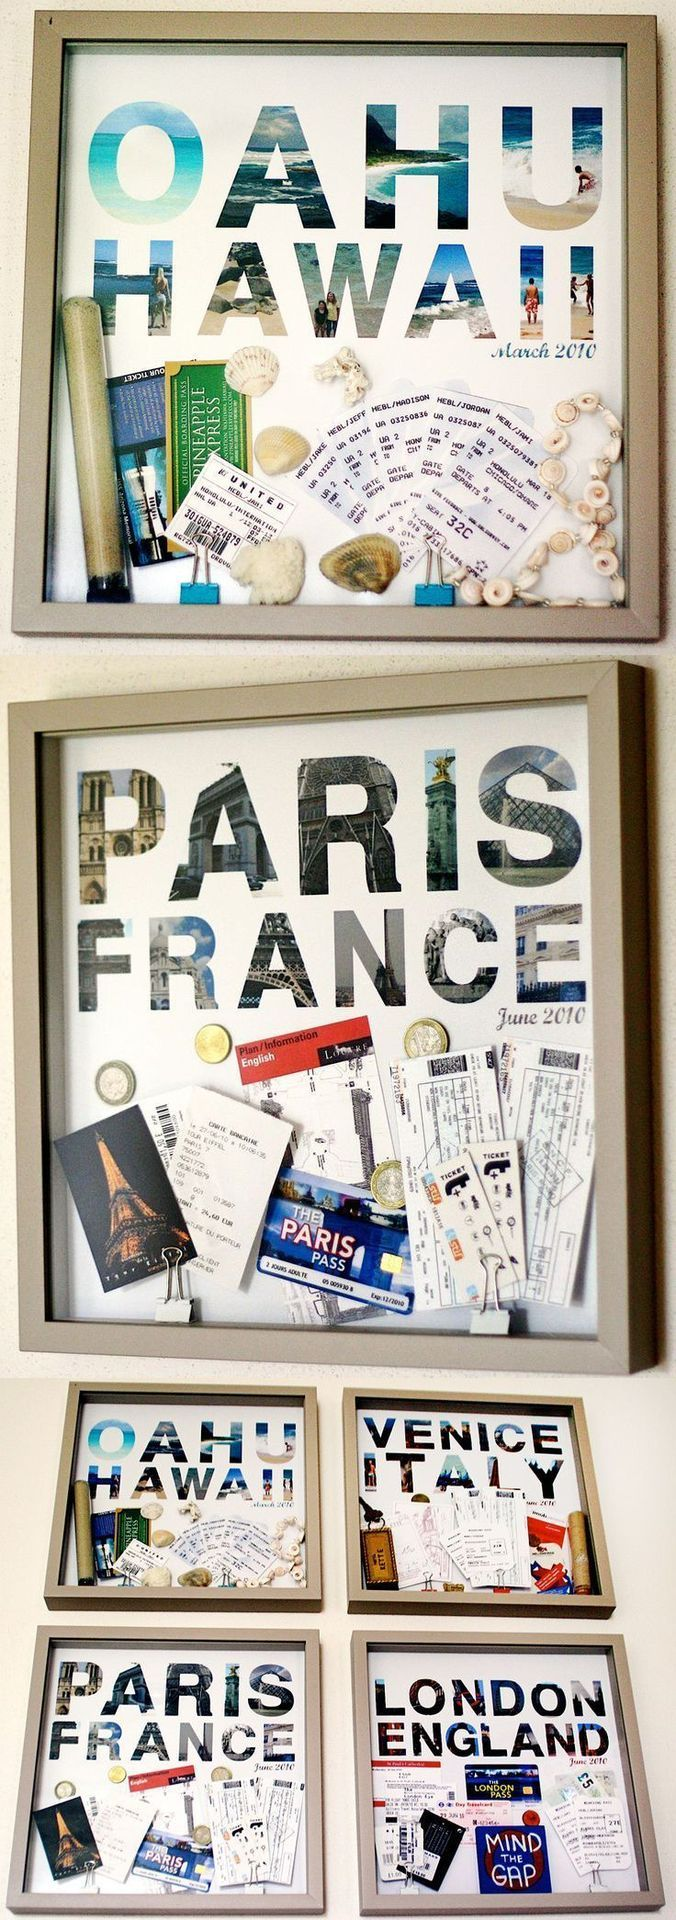 So etwas ist nicht nur schön als Urlaubserinnerung, sondern auch eine super Inspiration für ein Geldgeschenk, das für eine besondere Reise gedacht ist.